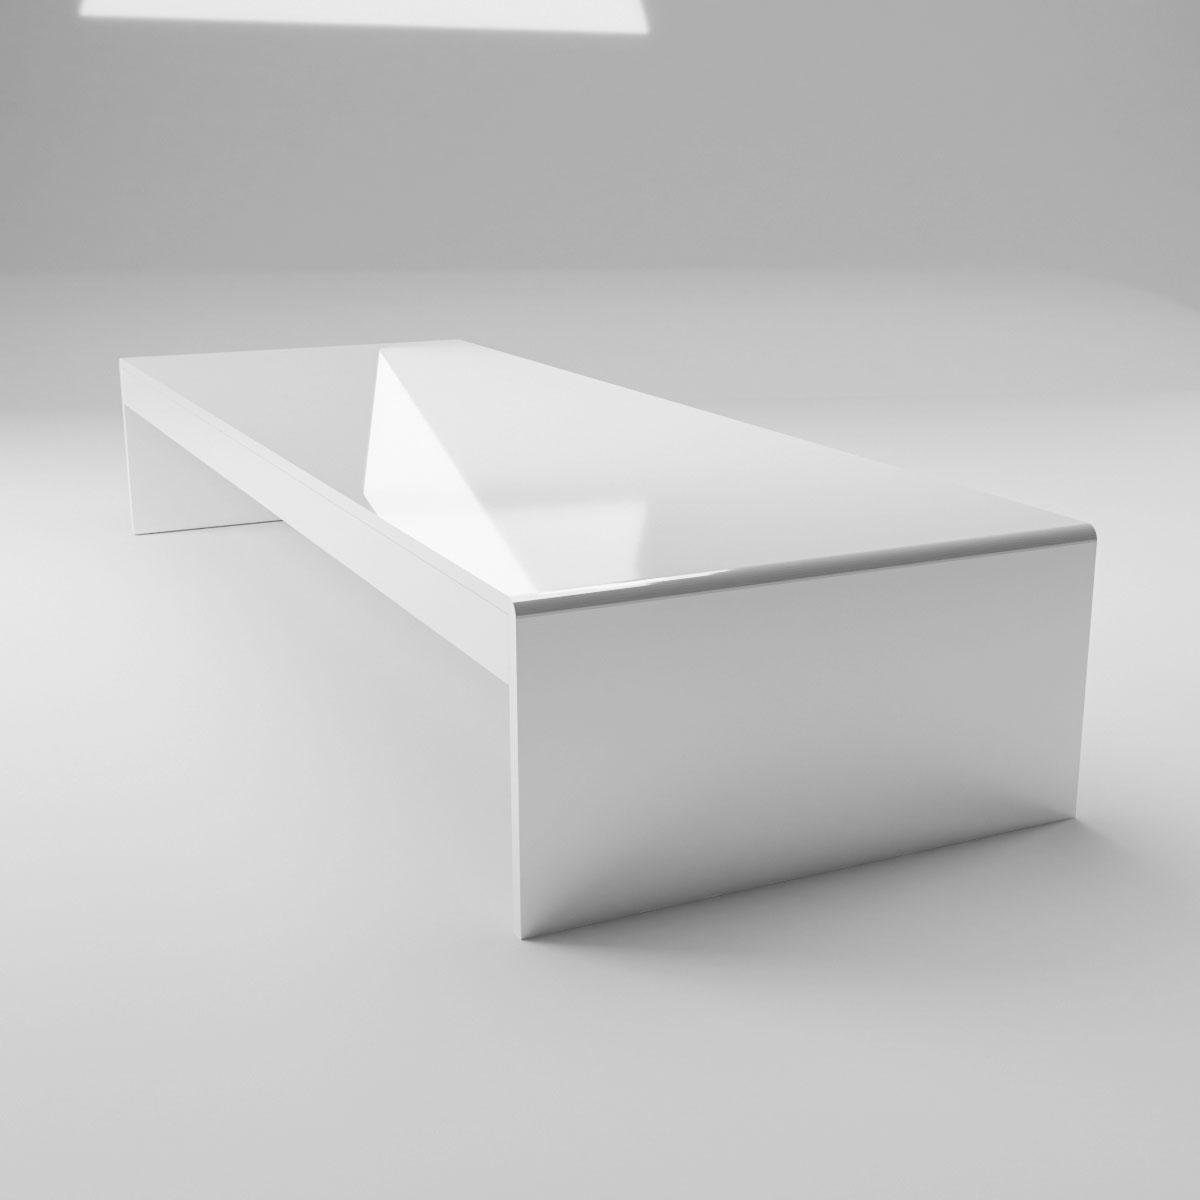 Suport alb pentru monitor, JJ DISPLAYS